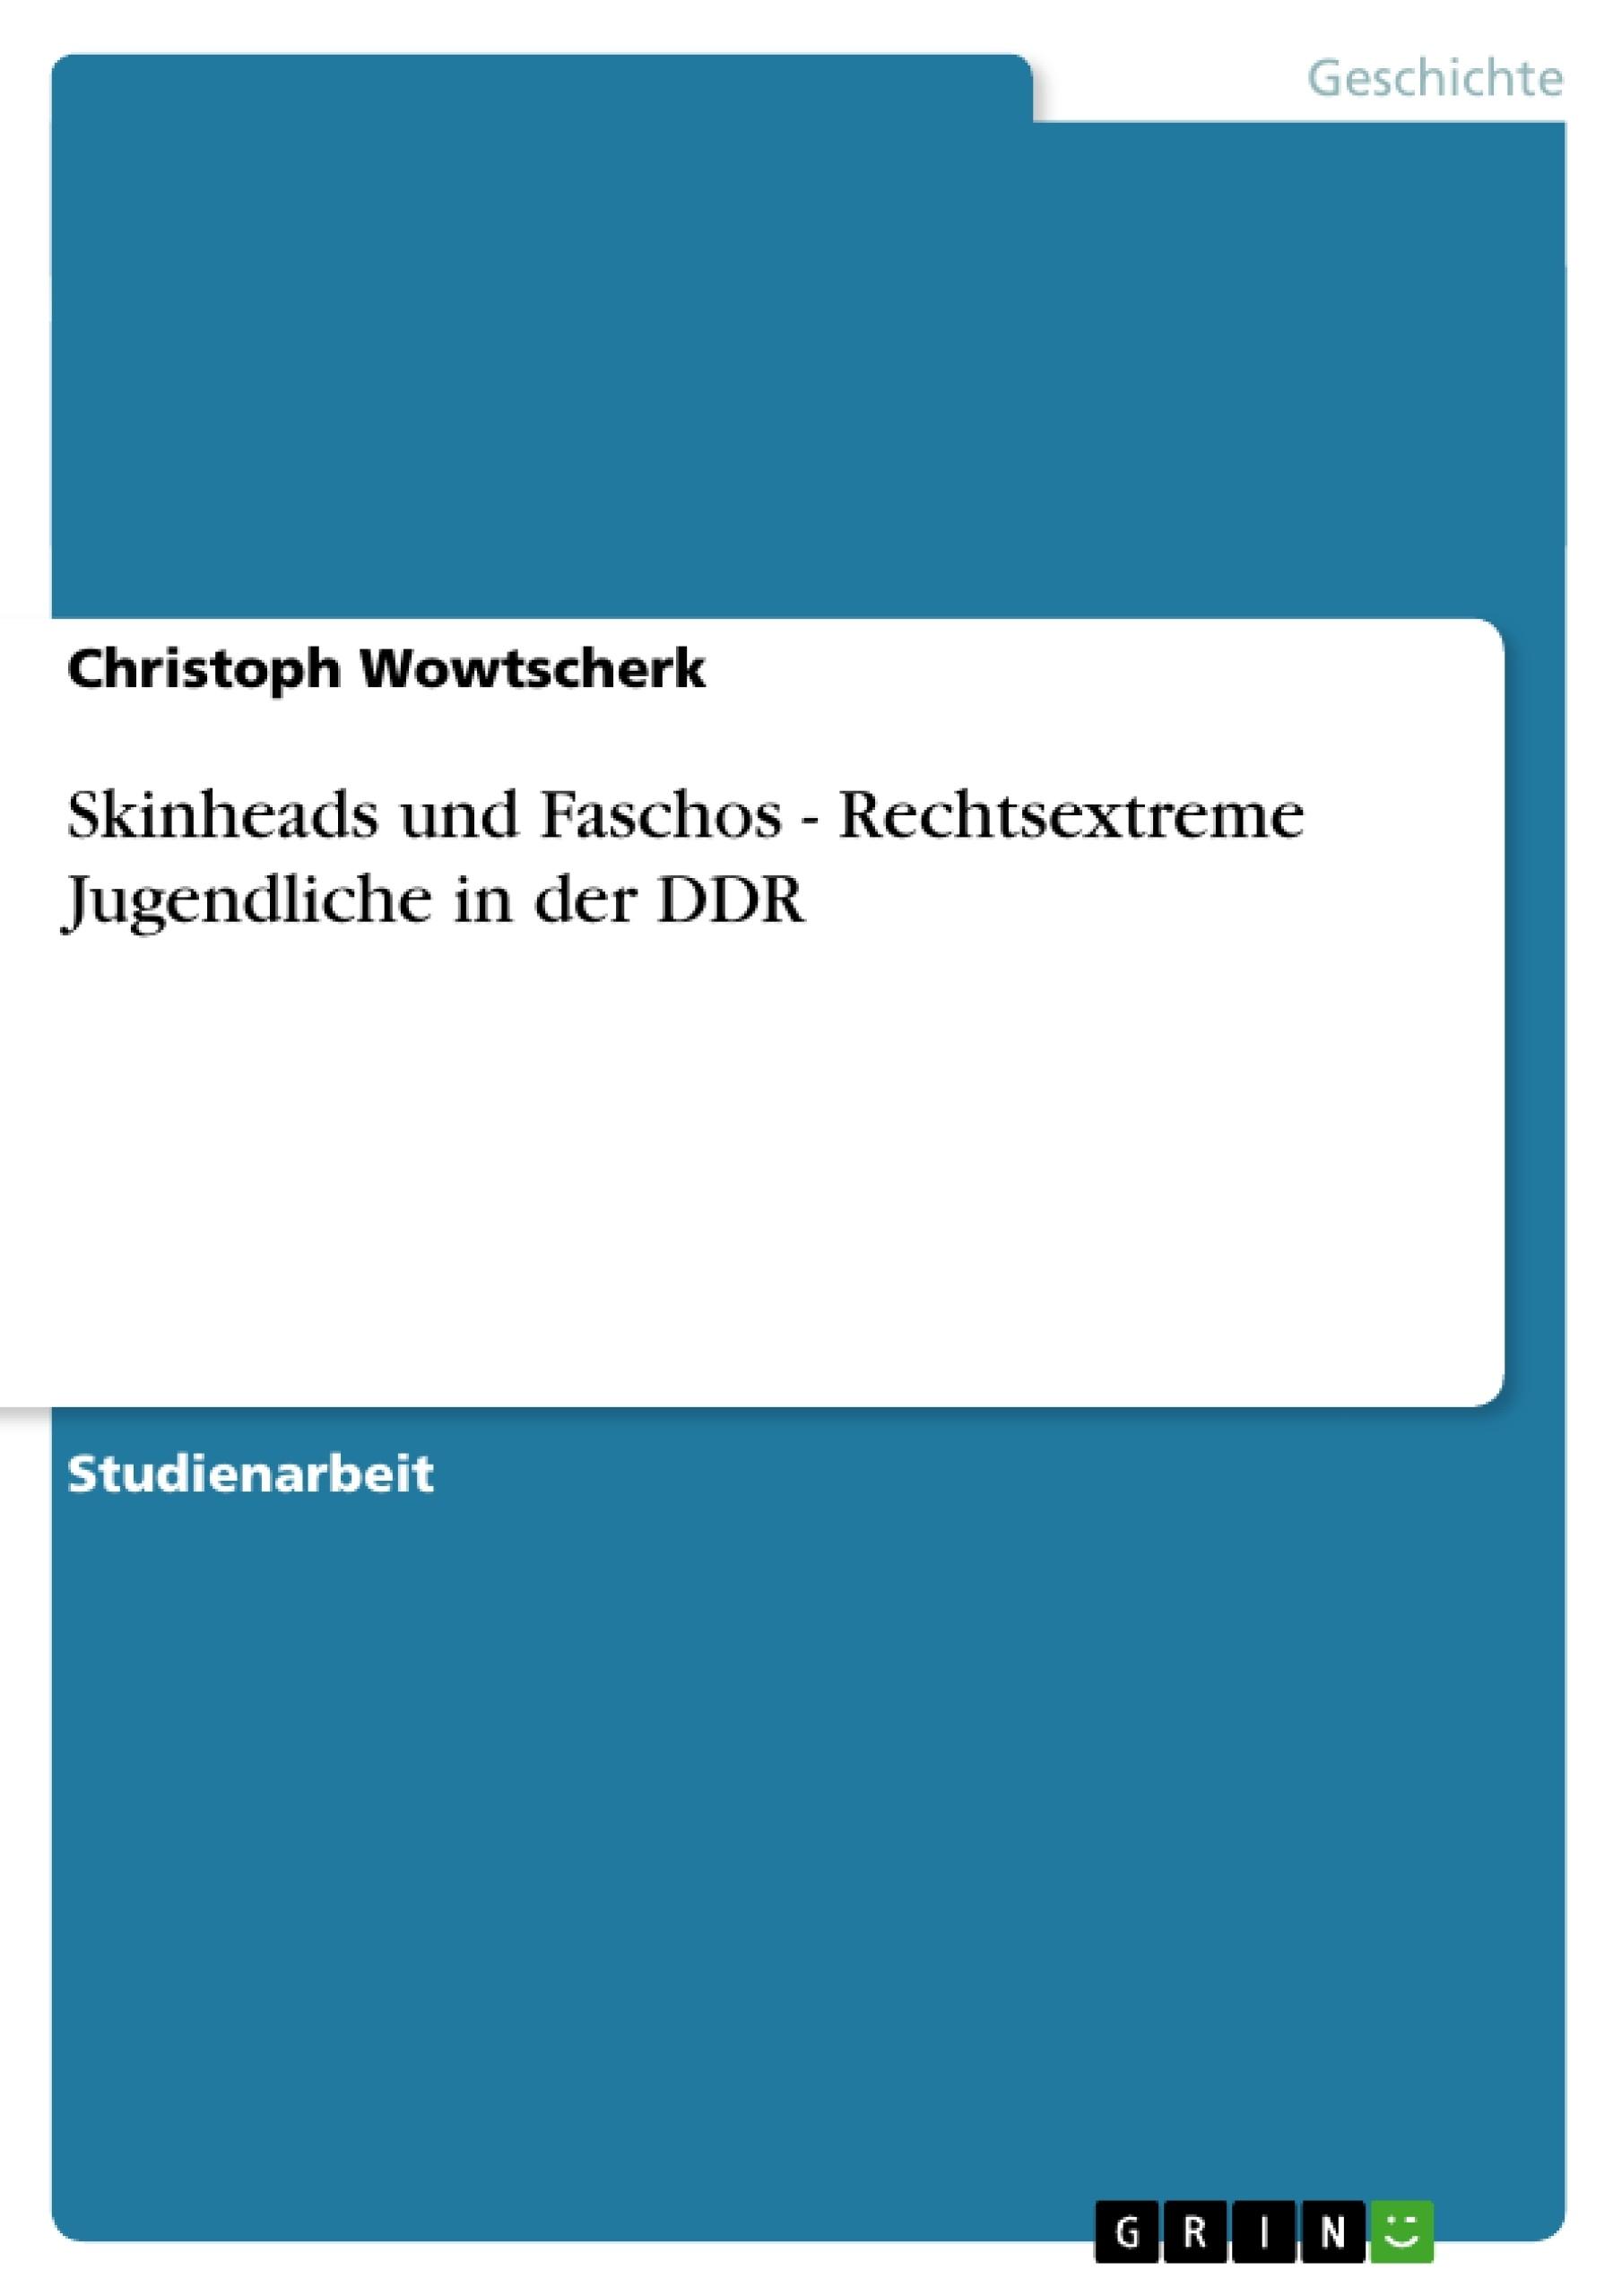 Titel: Skinheads und Faschos - Rechtsextreme Jugendliche in der DDR